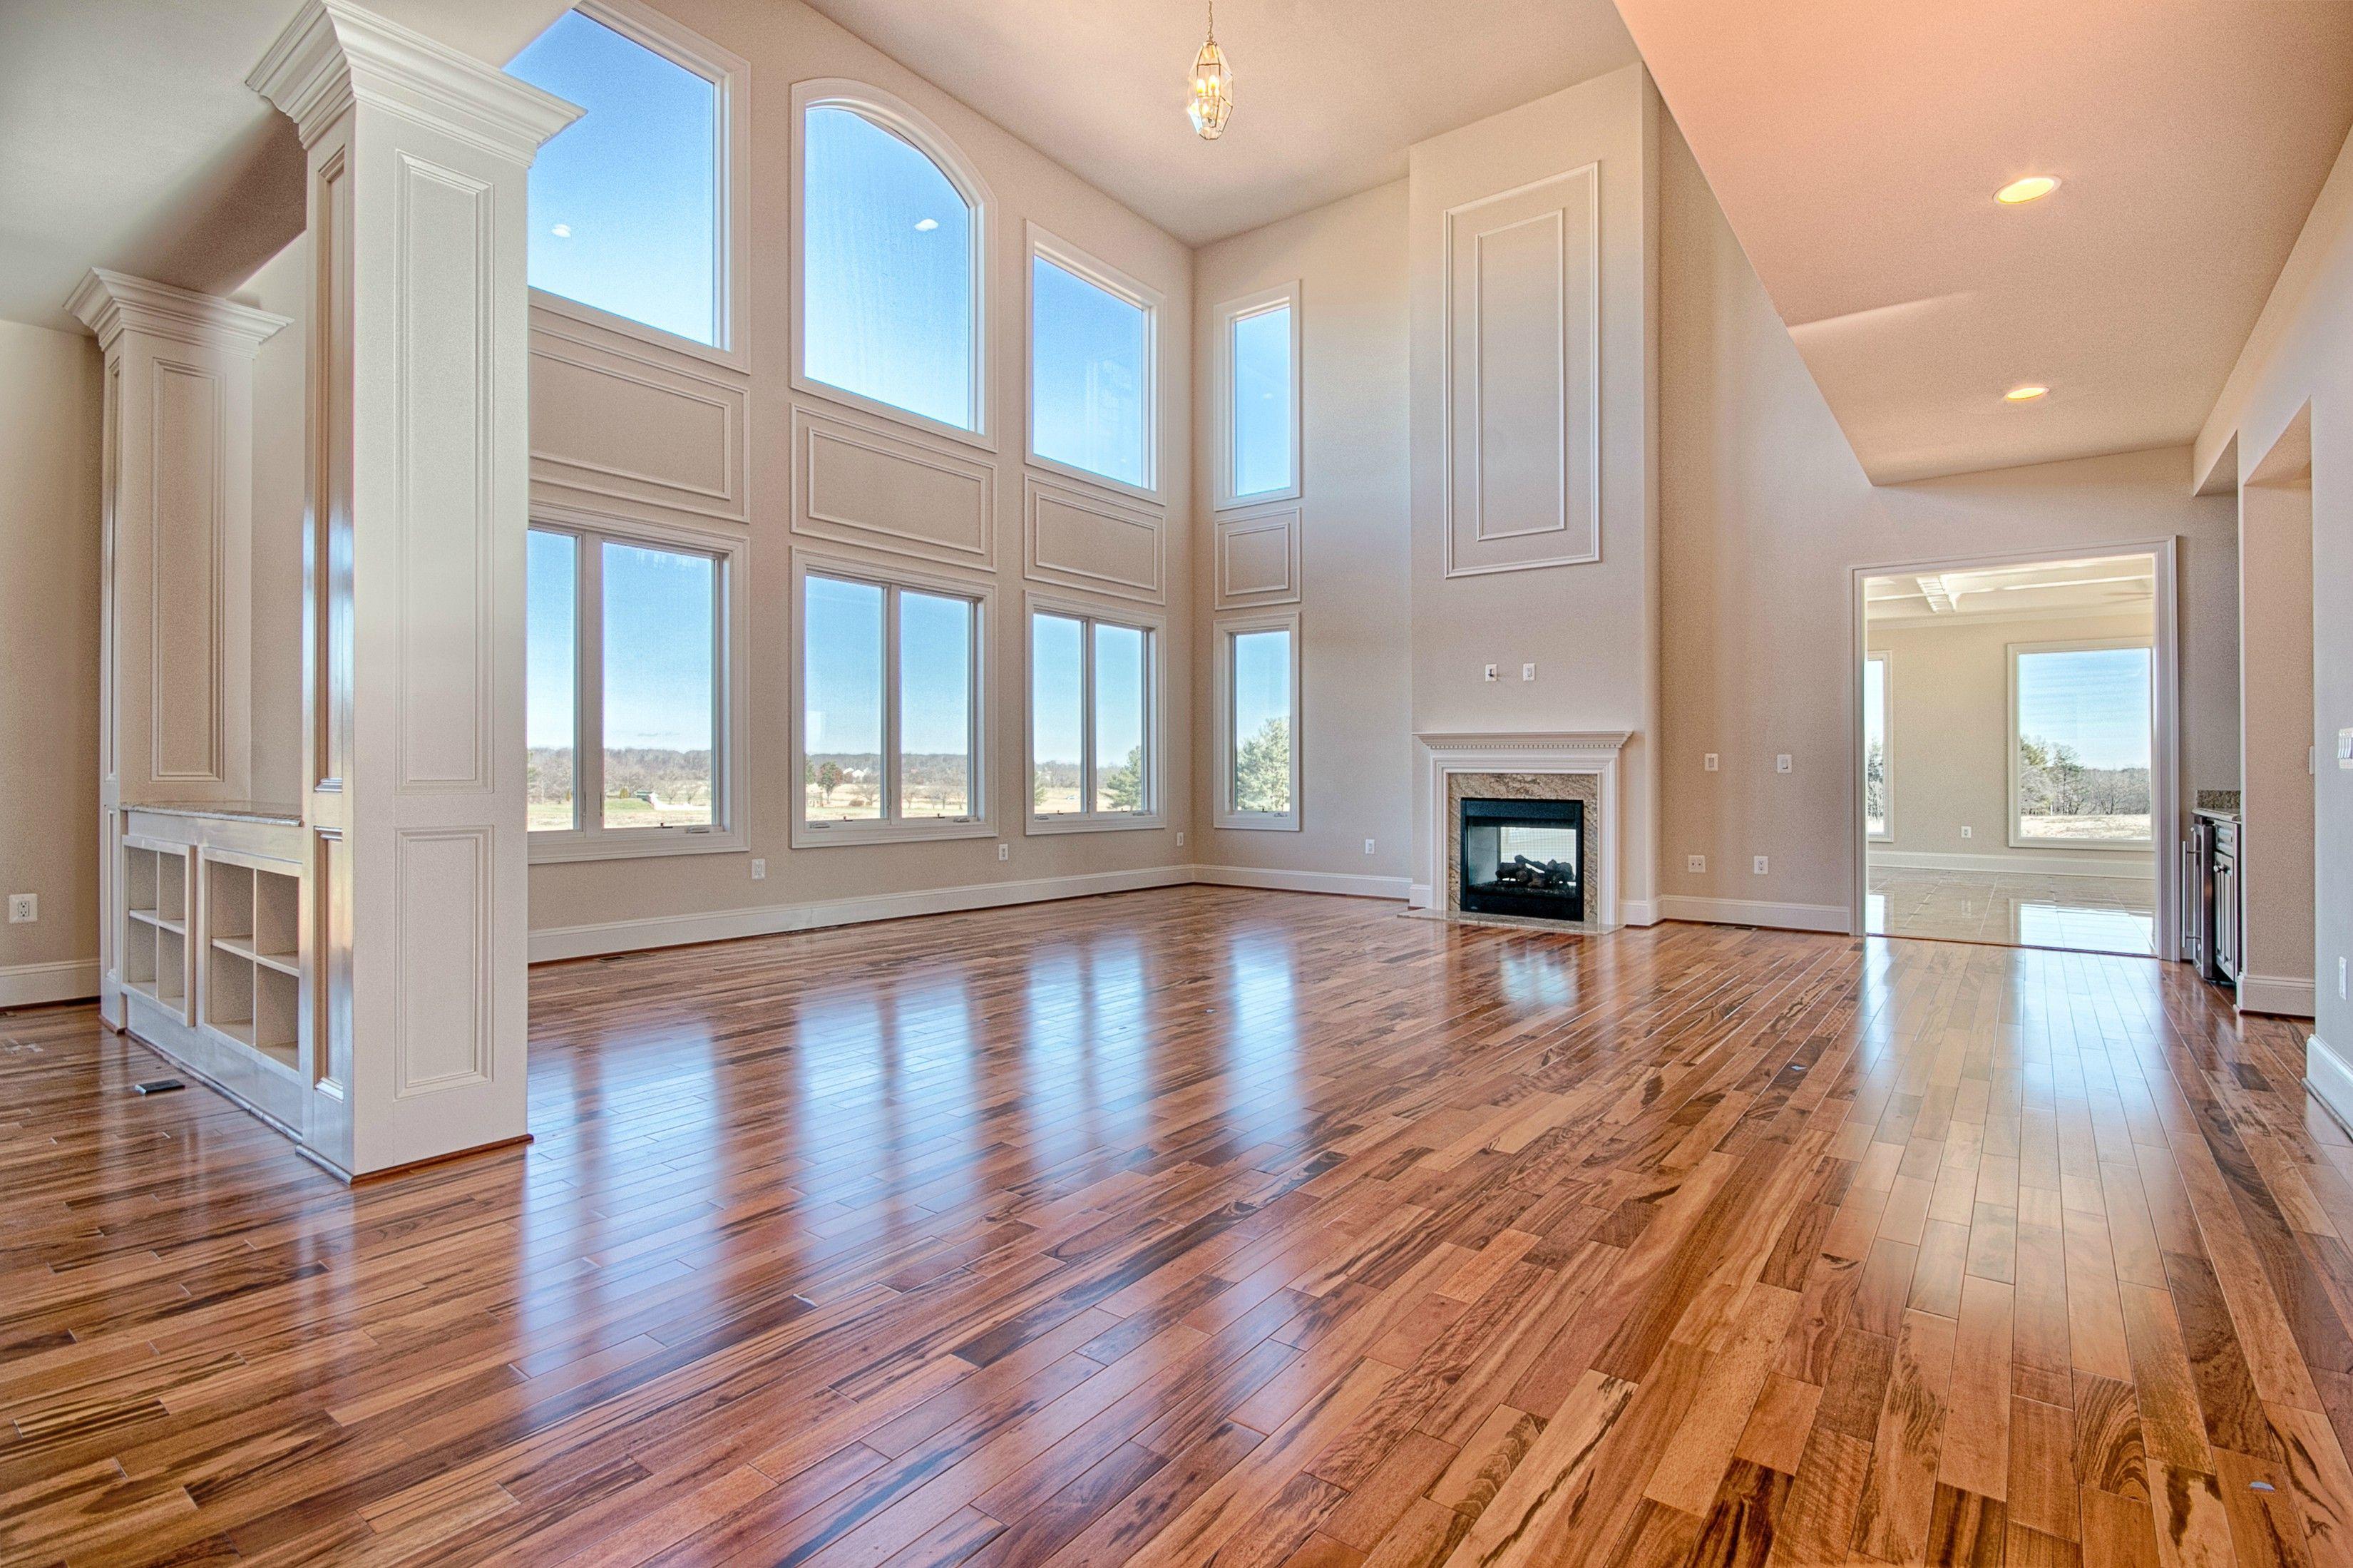 Great room. | Interior architecture design